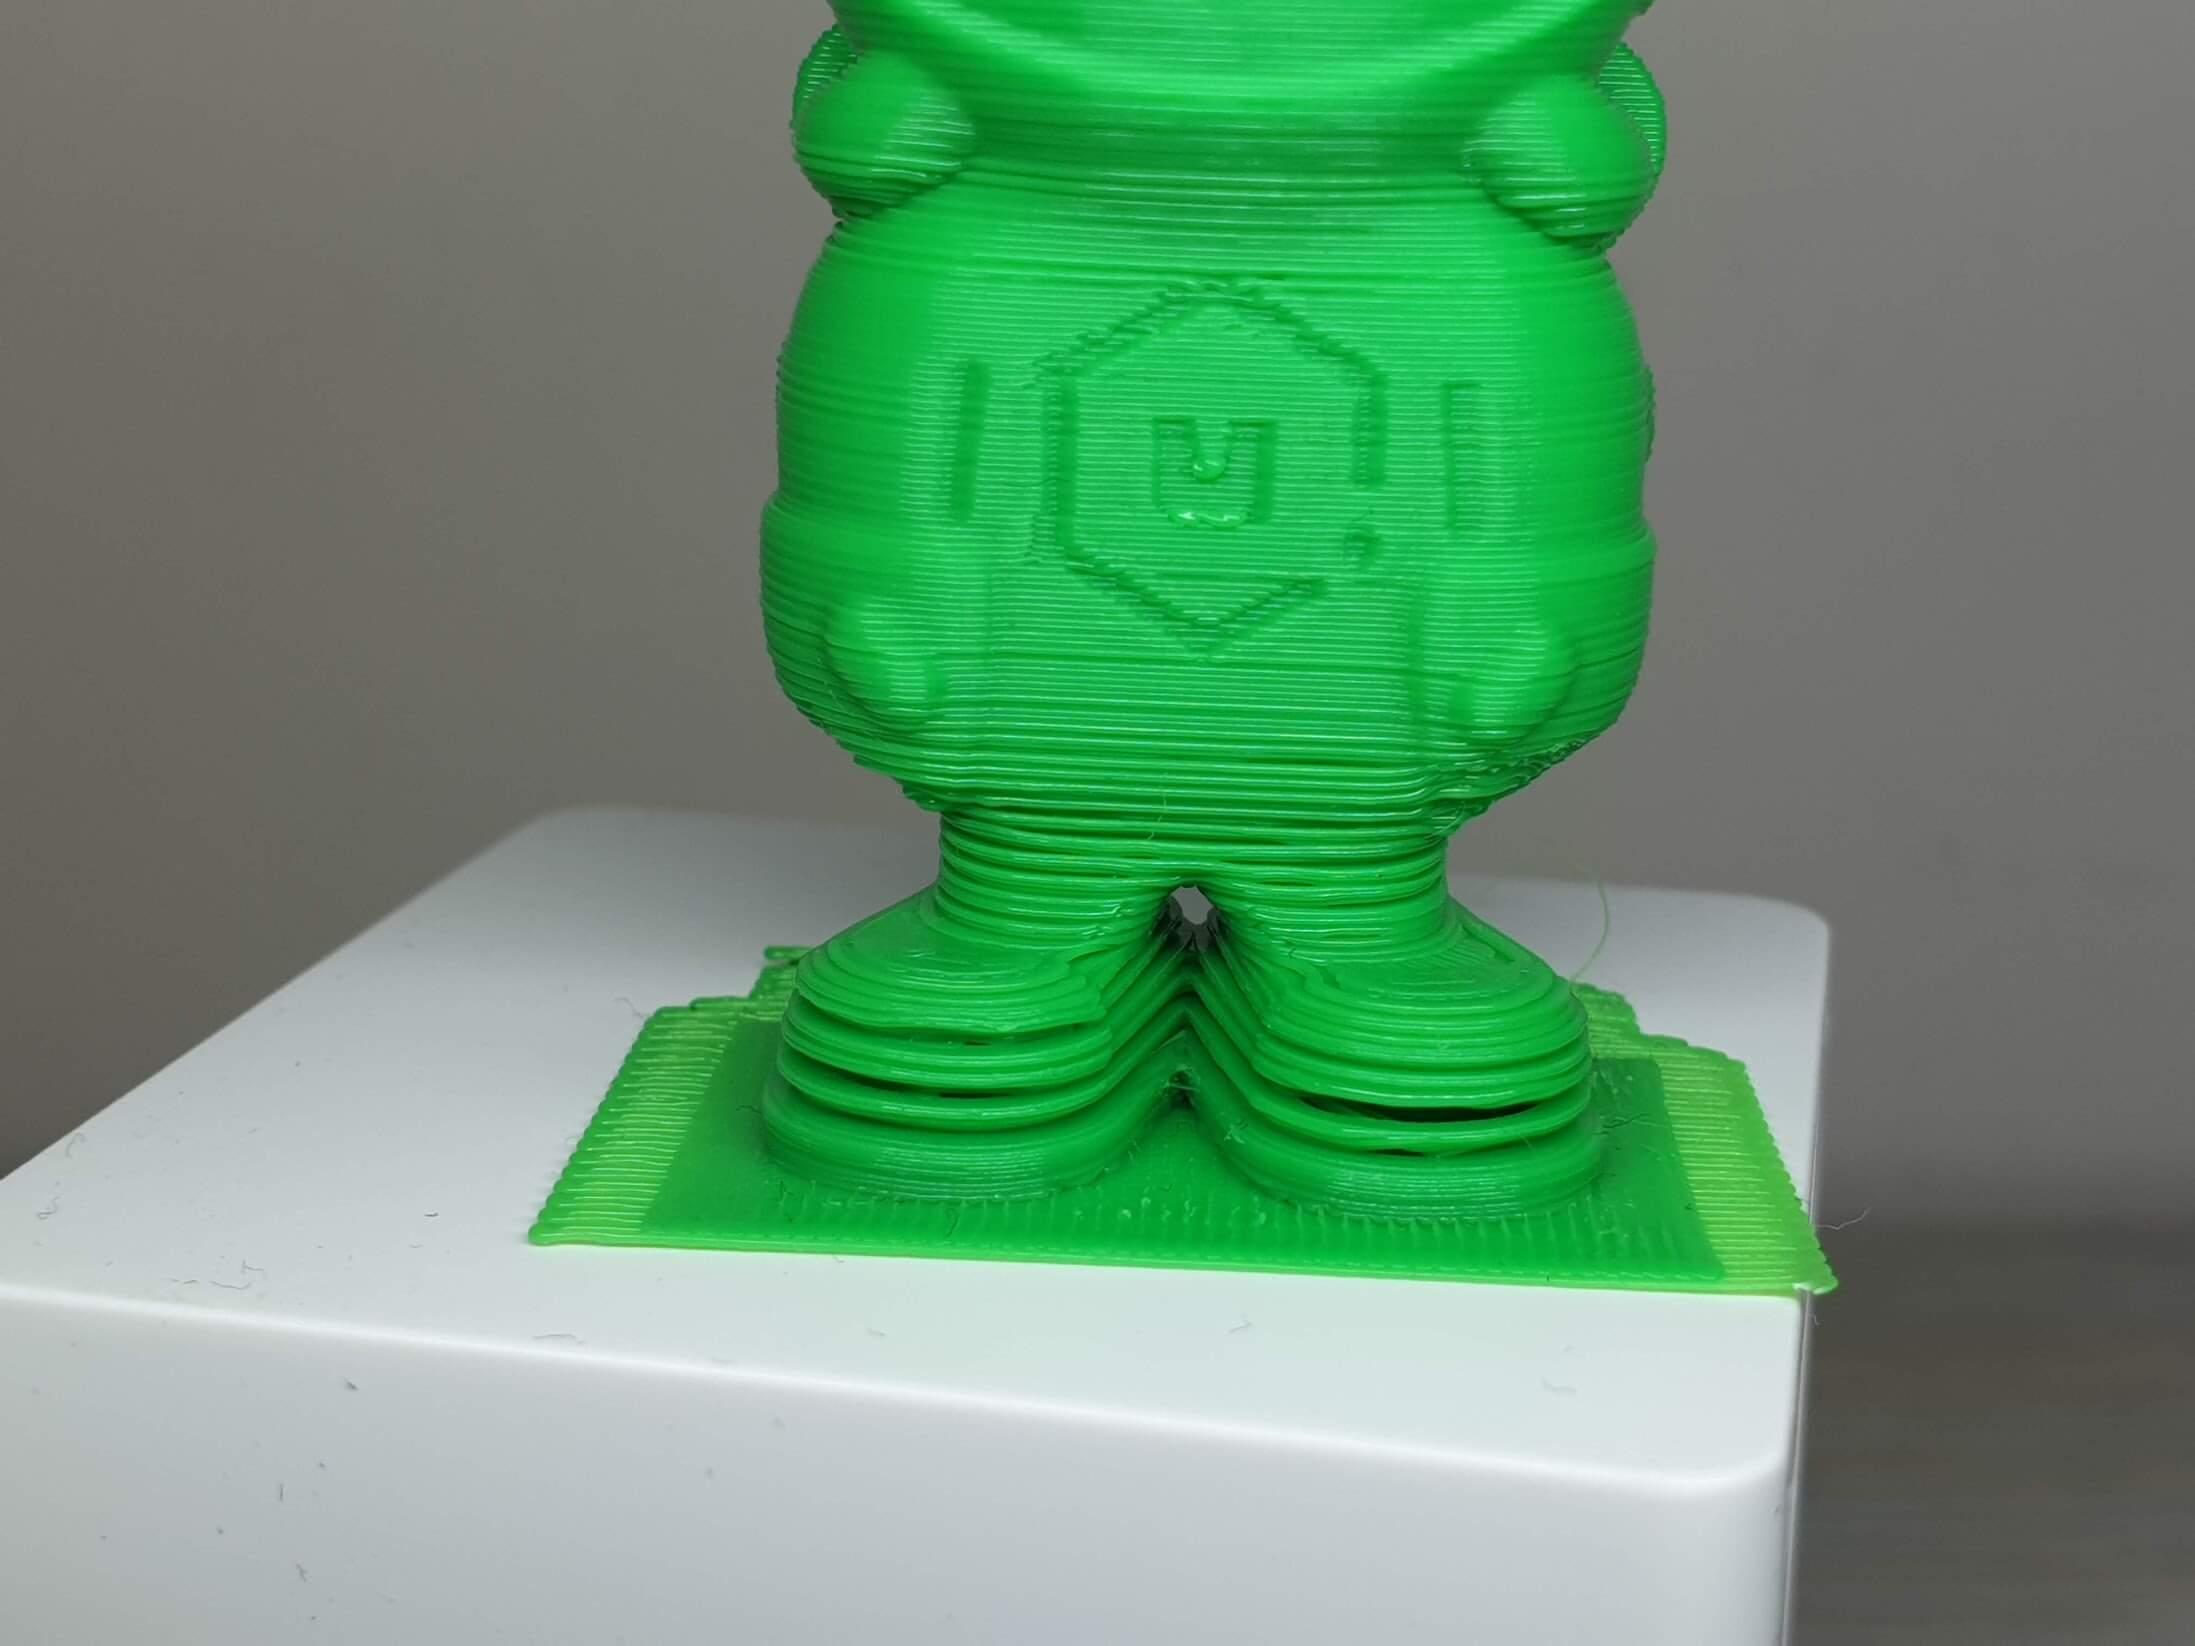 Phil A Ment on Longer Cube2 Mini 5 | Cube2 Mini Review - 3D Printer for Kids